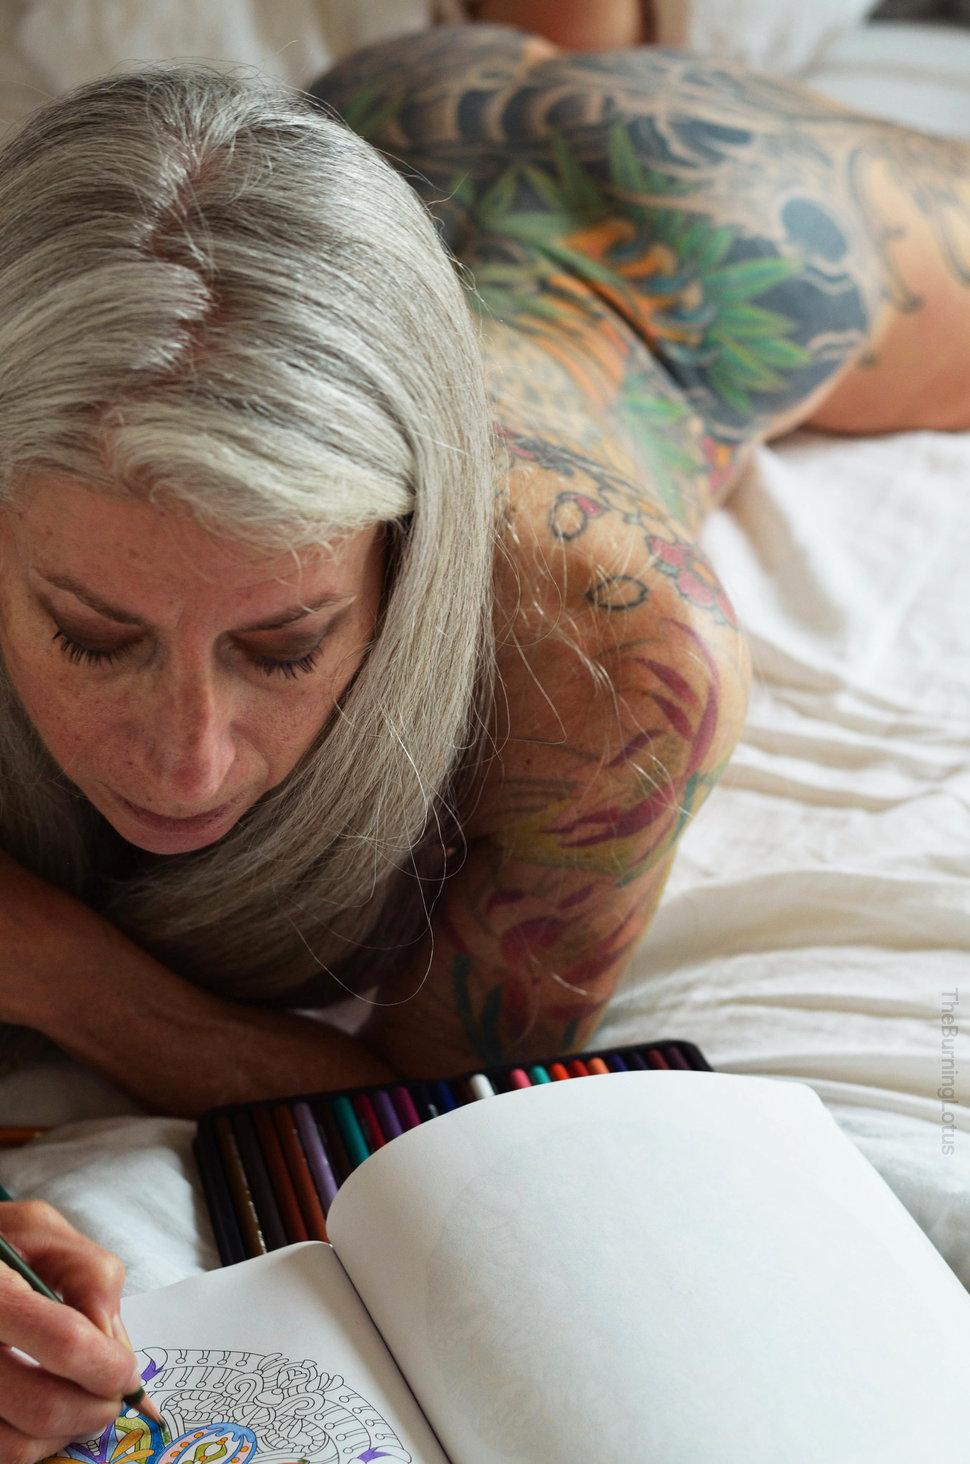 0 17e8d5 9b11b0ac orig - Личный пример 56-летней американки: В старости секс только начинается